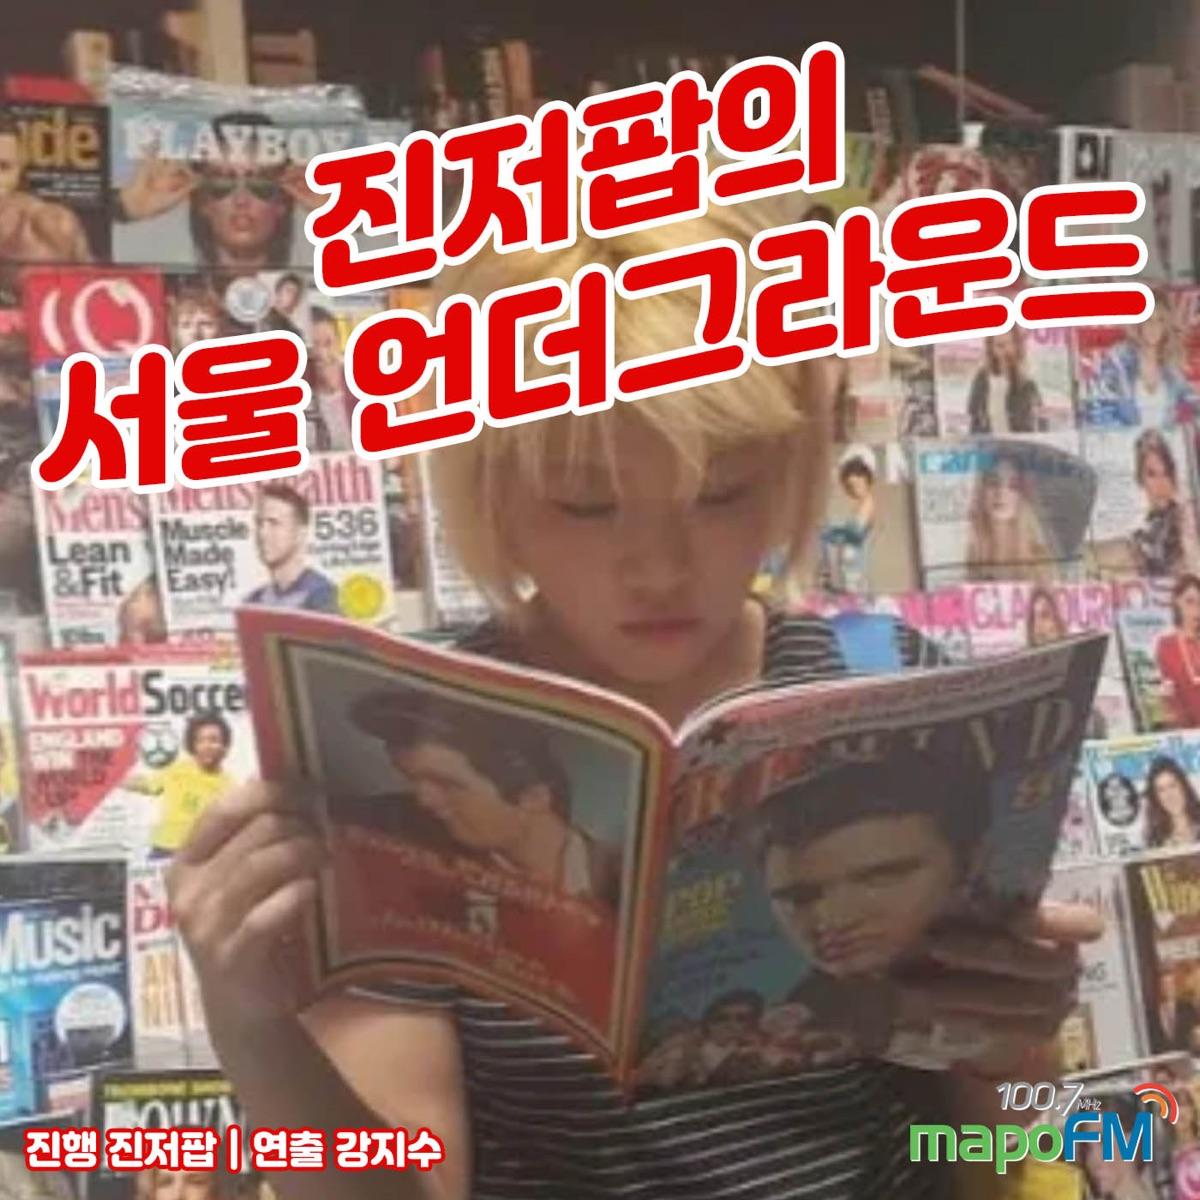 [마포FM] 진저팝의 서울언더그라운드